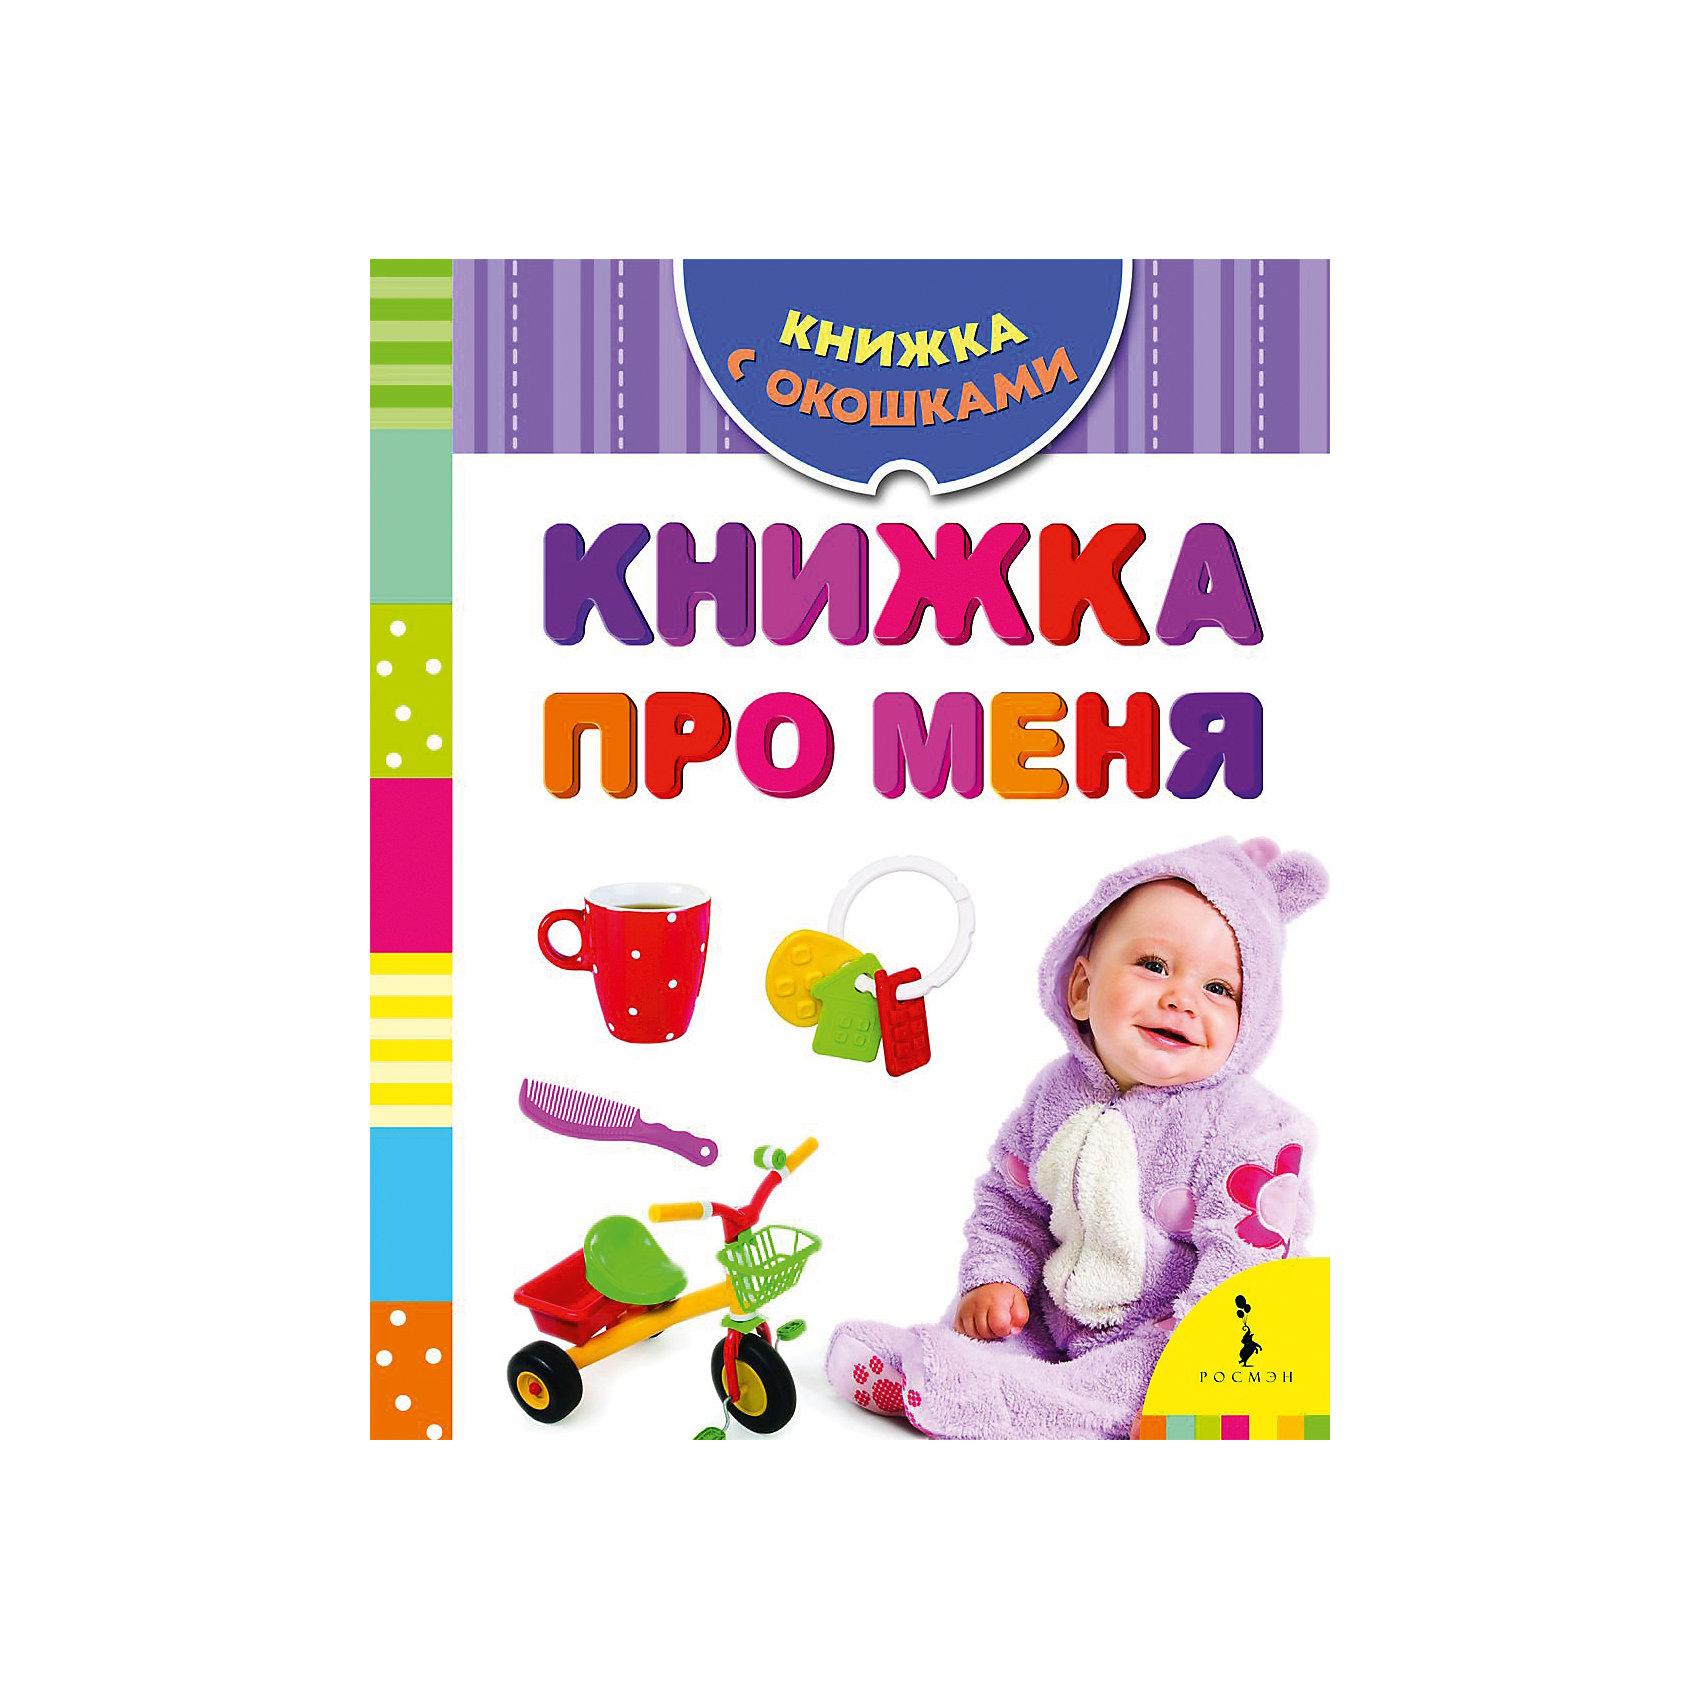 Книжка с окошками Книжка про меняТворчество для малышей<br>Книжка про меня, Книжка с окошками<br><br>Характеристики:<br><br>- издательство: Росмэн<br>- количество страниц: 8<br>- формат: 18 * 22 см.<br>- Тип обложки: картонная<br>- Иллюстрации: цветные<br>- вес: 20 гр.<br><br>Книжка про меня станет отличным сюрпризом для маленьких детей. Интересные загадки и яркие рисунки повседневных предметов развеселят вашего кроху. Забавные окошки закрывают ответы и малыш должен догадаться сам что же там спрятано. Книжка поможет рассказать малышу про игрушки, предметы одежды, цвета, фигуры и не только. Каждая страничка этой книжки делает героев и их окружение живыми благодаря раскладывающимся окошкам. Эта необычная книга сделает чтение веселее и интереснее. <br><br>Книжка про меня, Книжку с окошками можно купить в нашем интернет-магазине.<br><br>Ширина мм: 215<br>Глубина мм: 175<br>Высота мм: 6<br>Вес г: 189<br>Возраст от месяцев: 0<br>Возраст до месяцев: 36<br>Пол: Унисекс<br>Возраст: Детский<br>SKU: 5109751